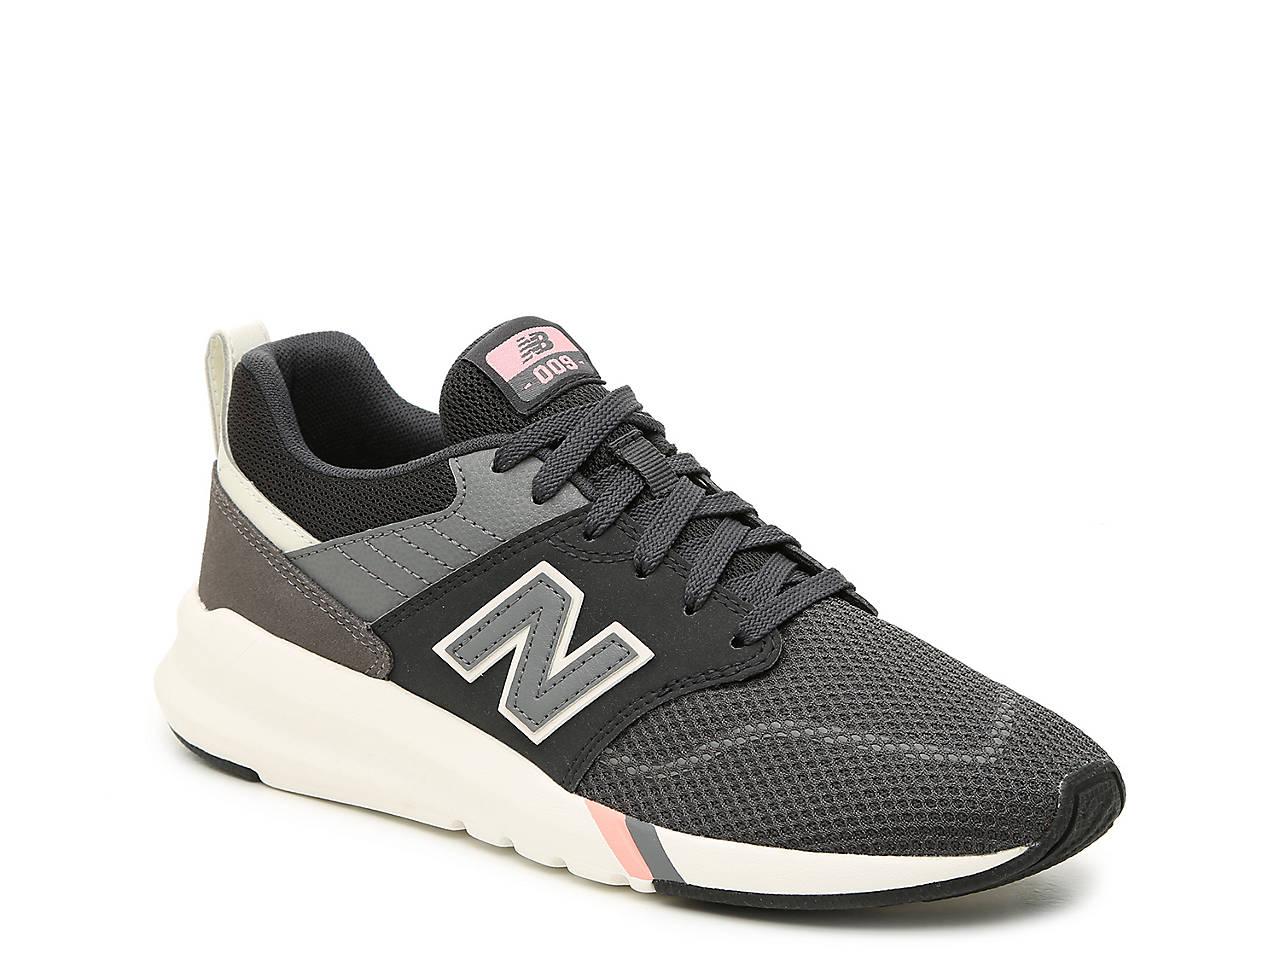 3605ecf4f New Balance 009 Sneaker - Women's Women's Shoes | DSW